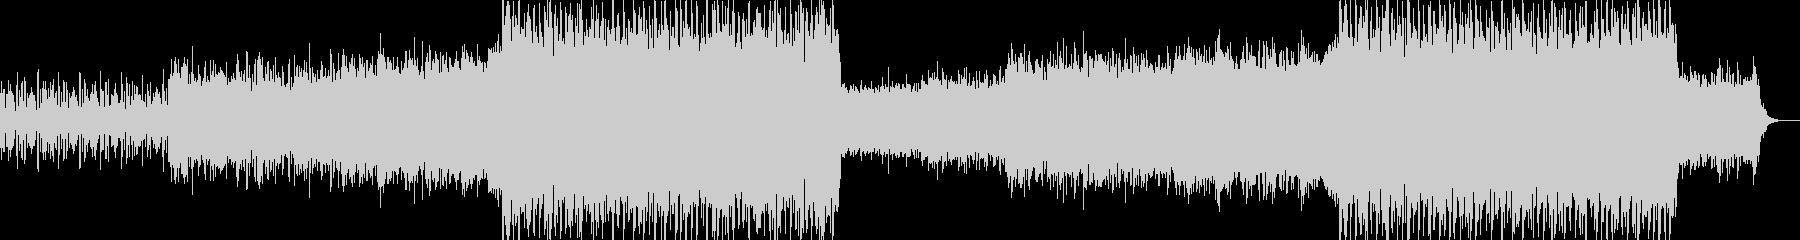 明るく爽やかなオーケストラポップ-04の未再生の波形